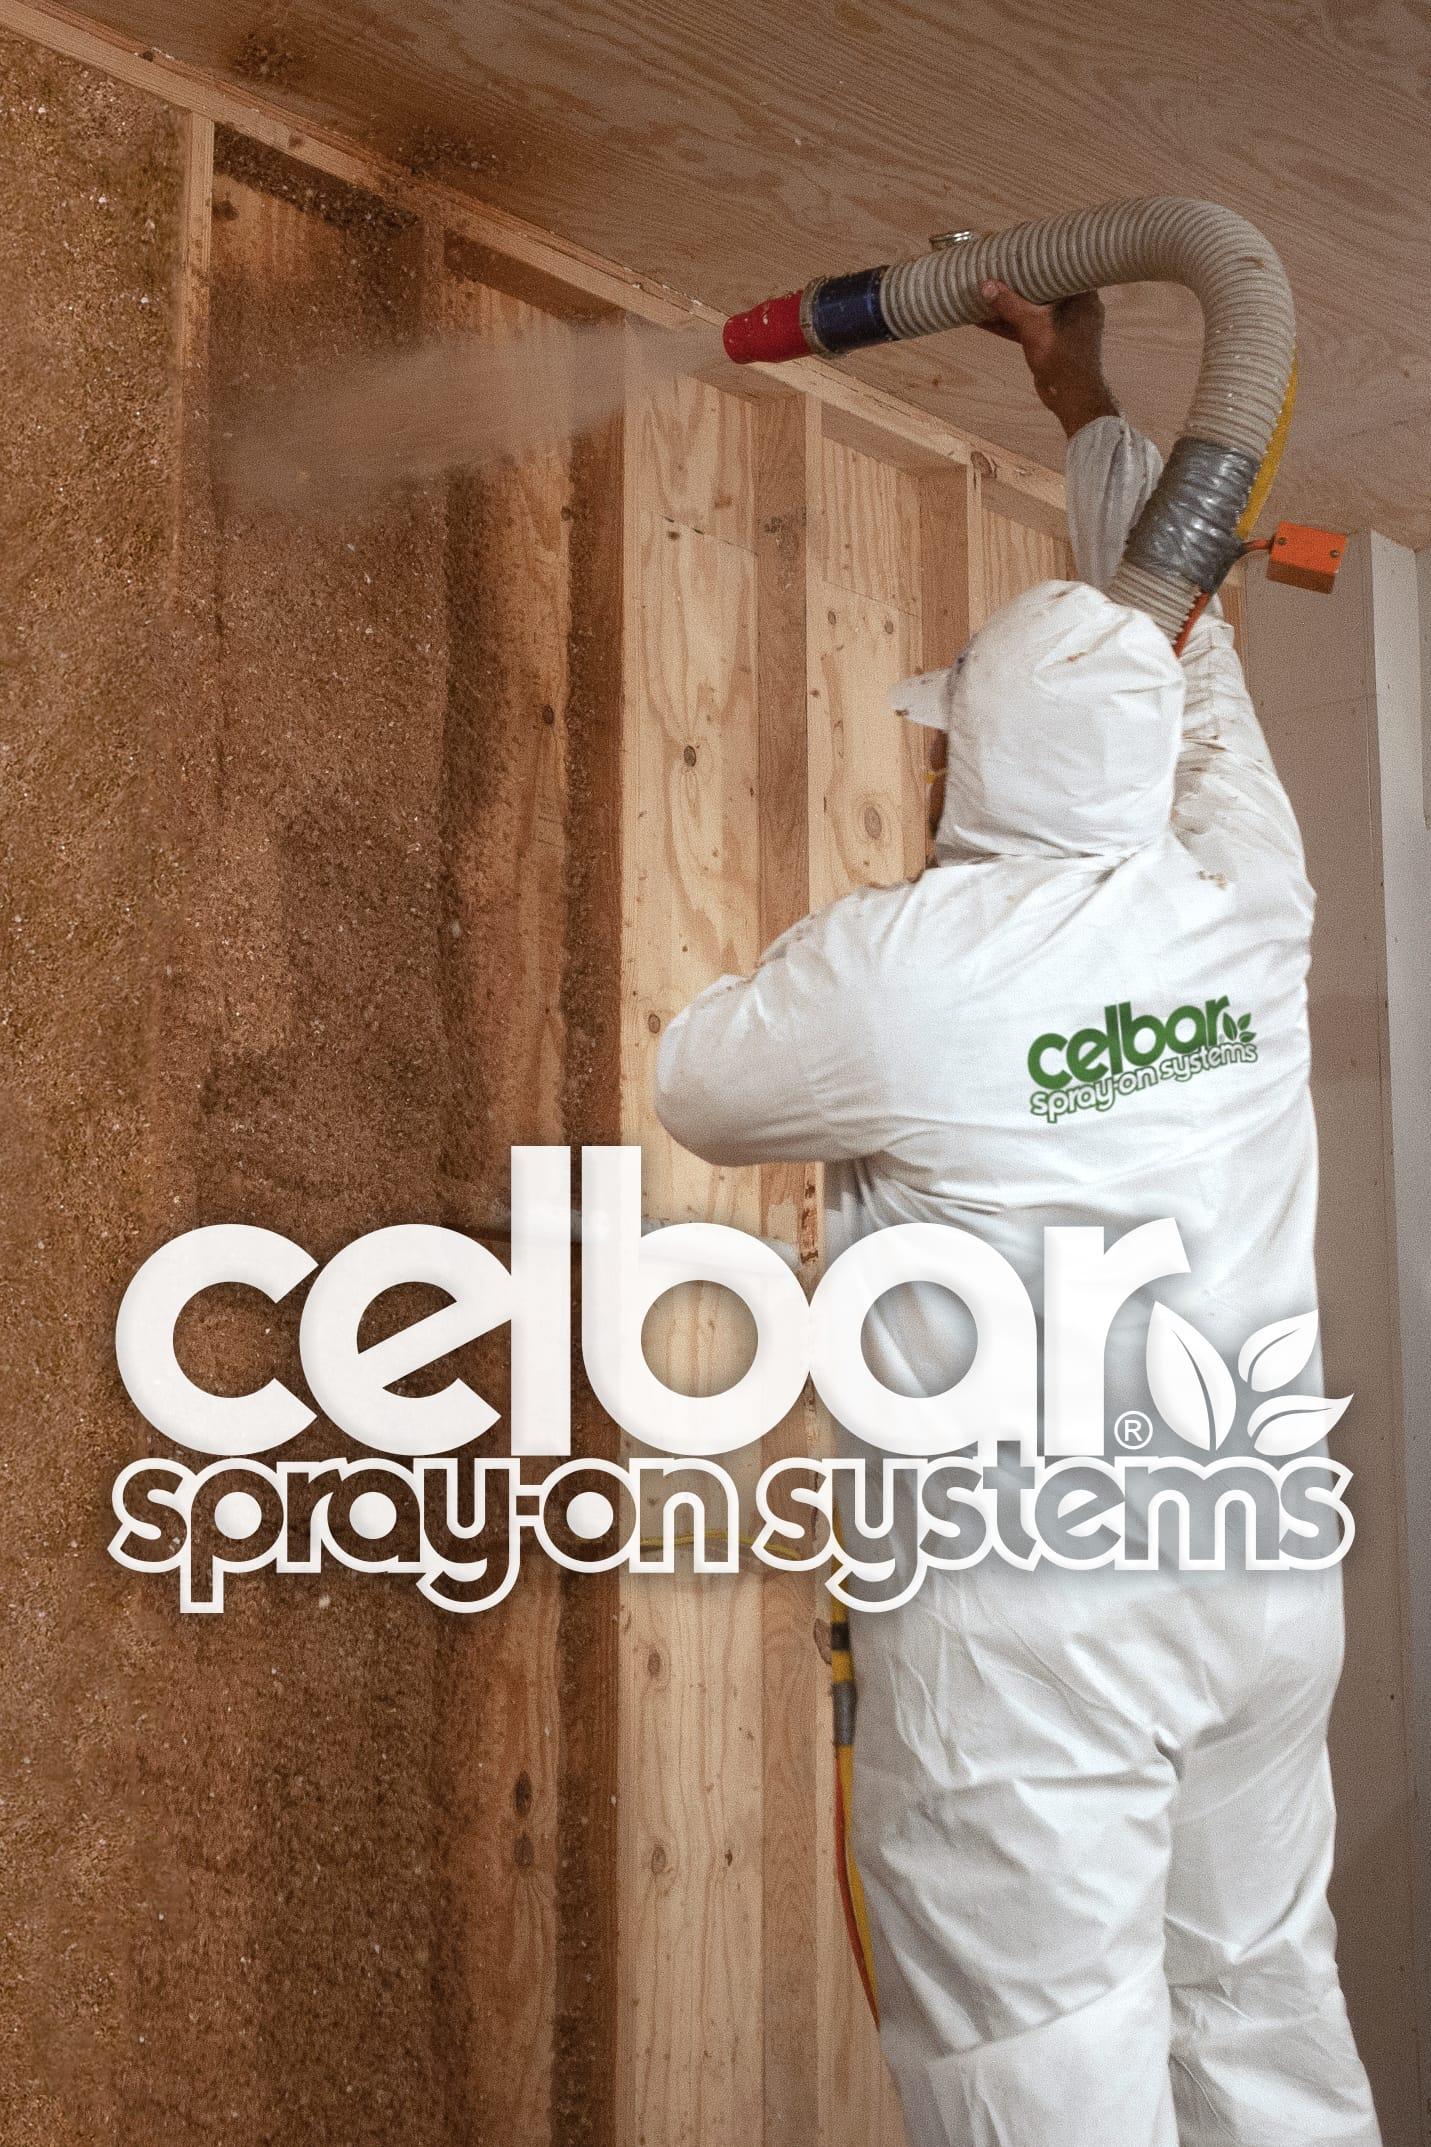 Celbar Wall Spray